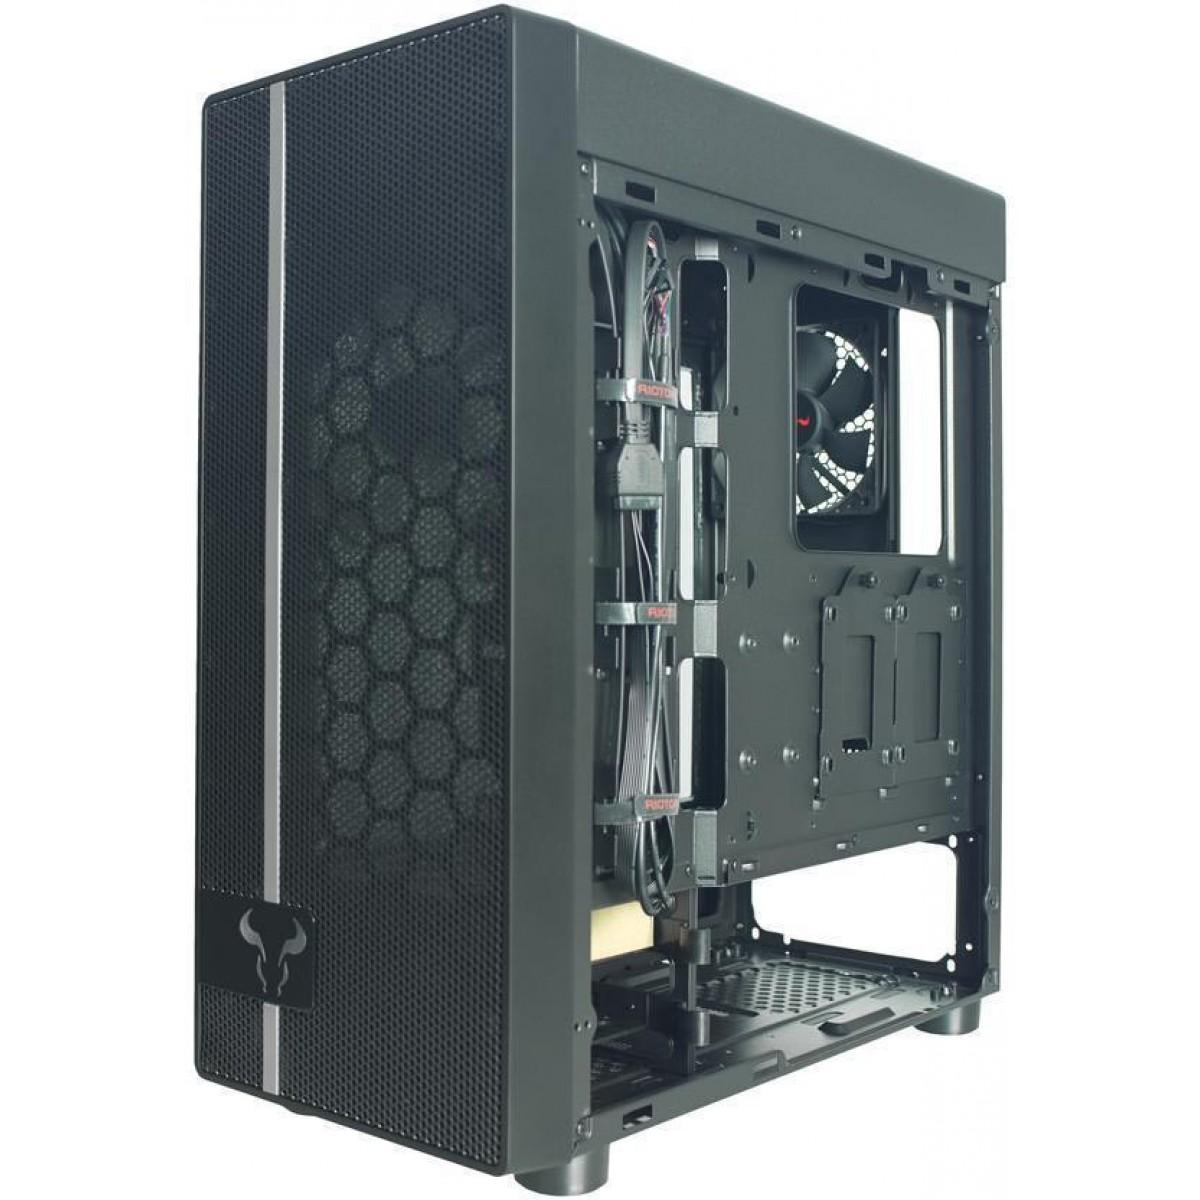 Gabinete Gamer Riotoro CR400, Mid Tower, Black, Sem Fonte, Com 2 Fans